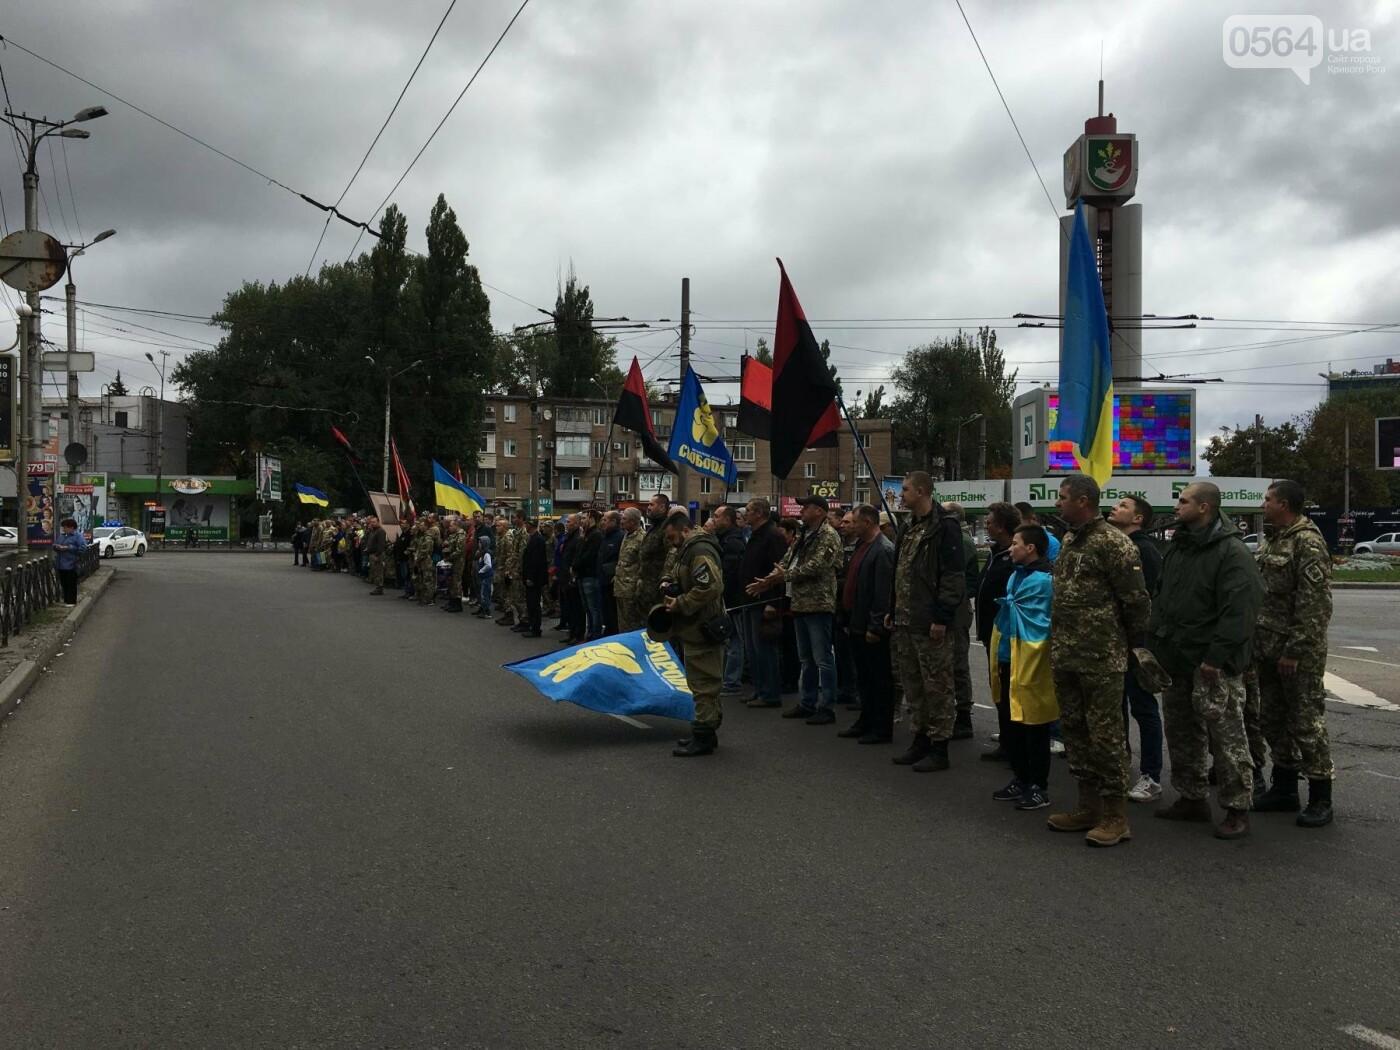 В Кривом Роге состоялся Марш Защитников Украины (ФОТО, ВИДЕО), фото-7